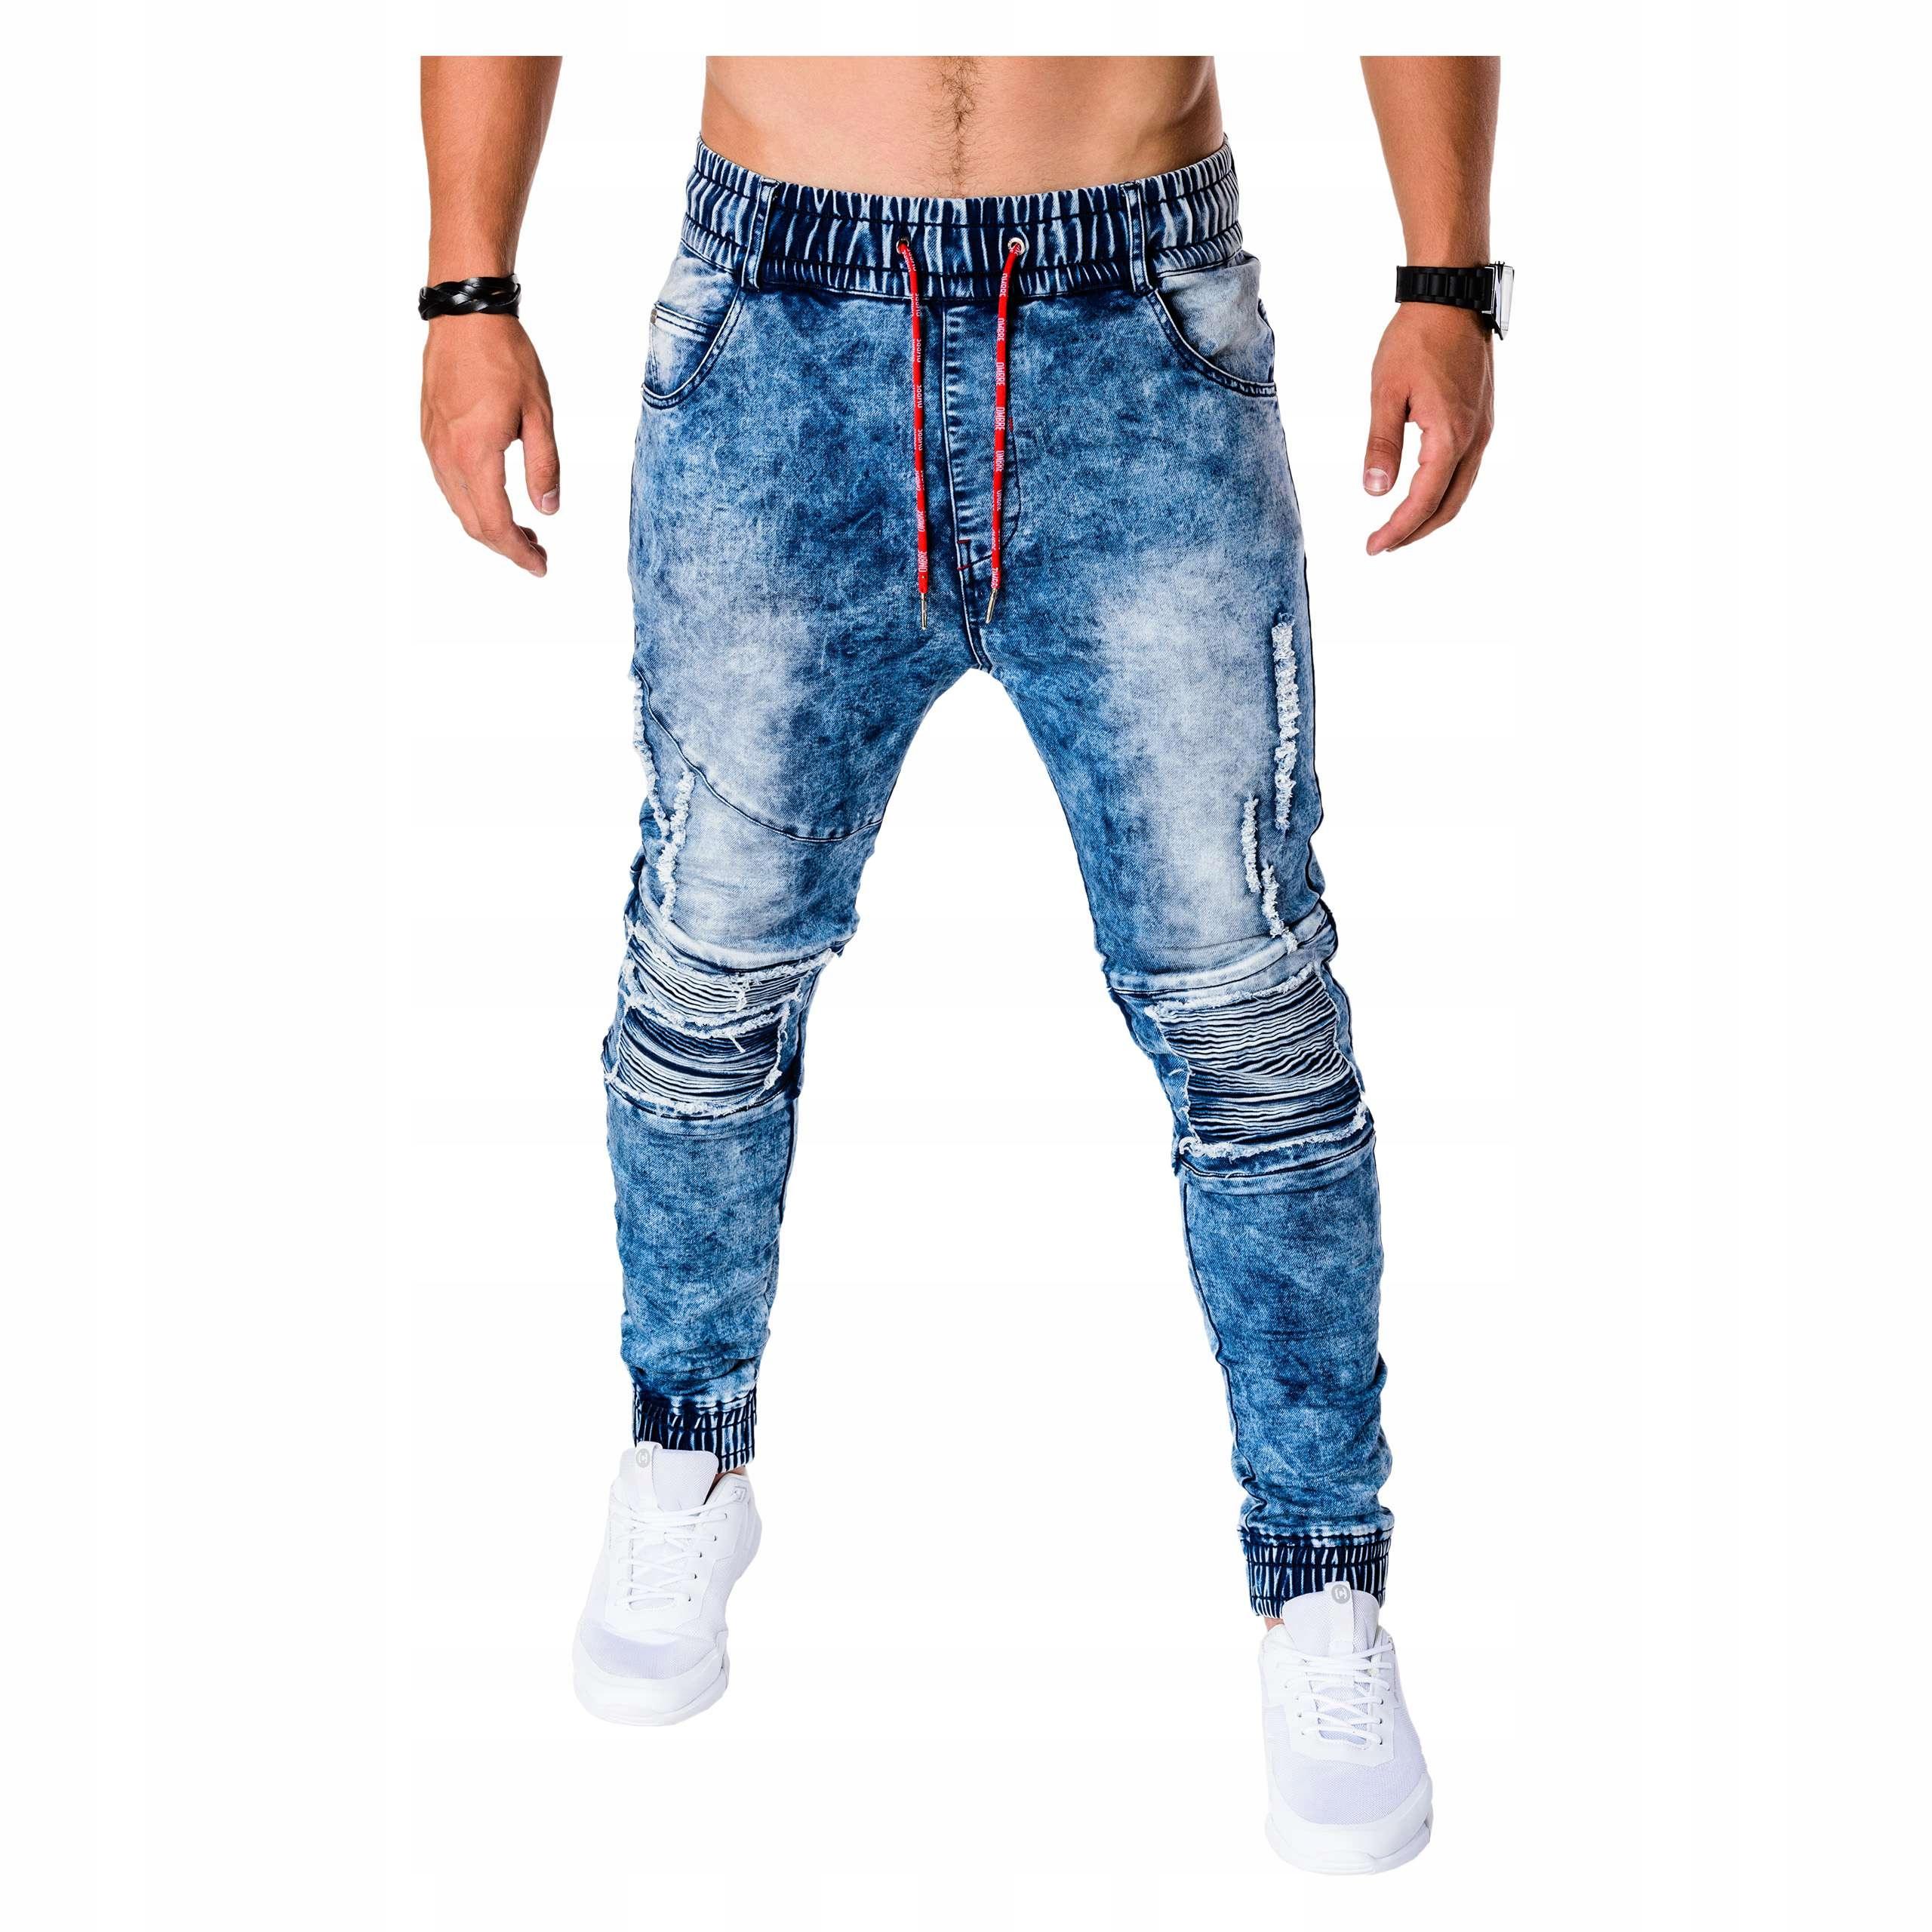 68001b7c915202 Joggery jeansowe casual z dziurami P676 jeans M - 7568204779 ...